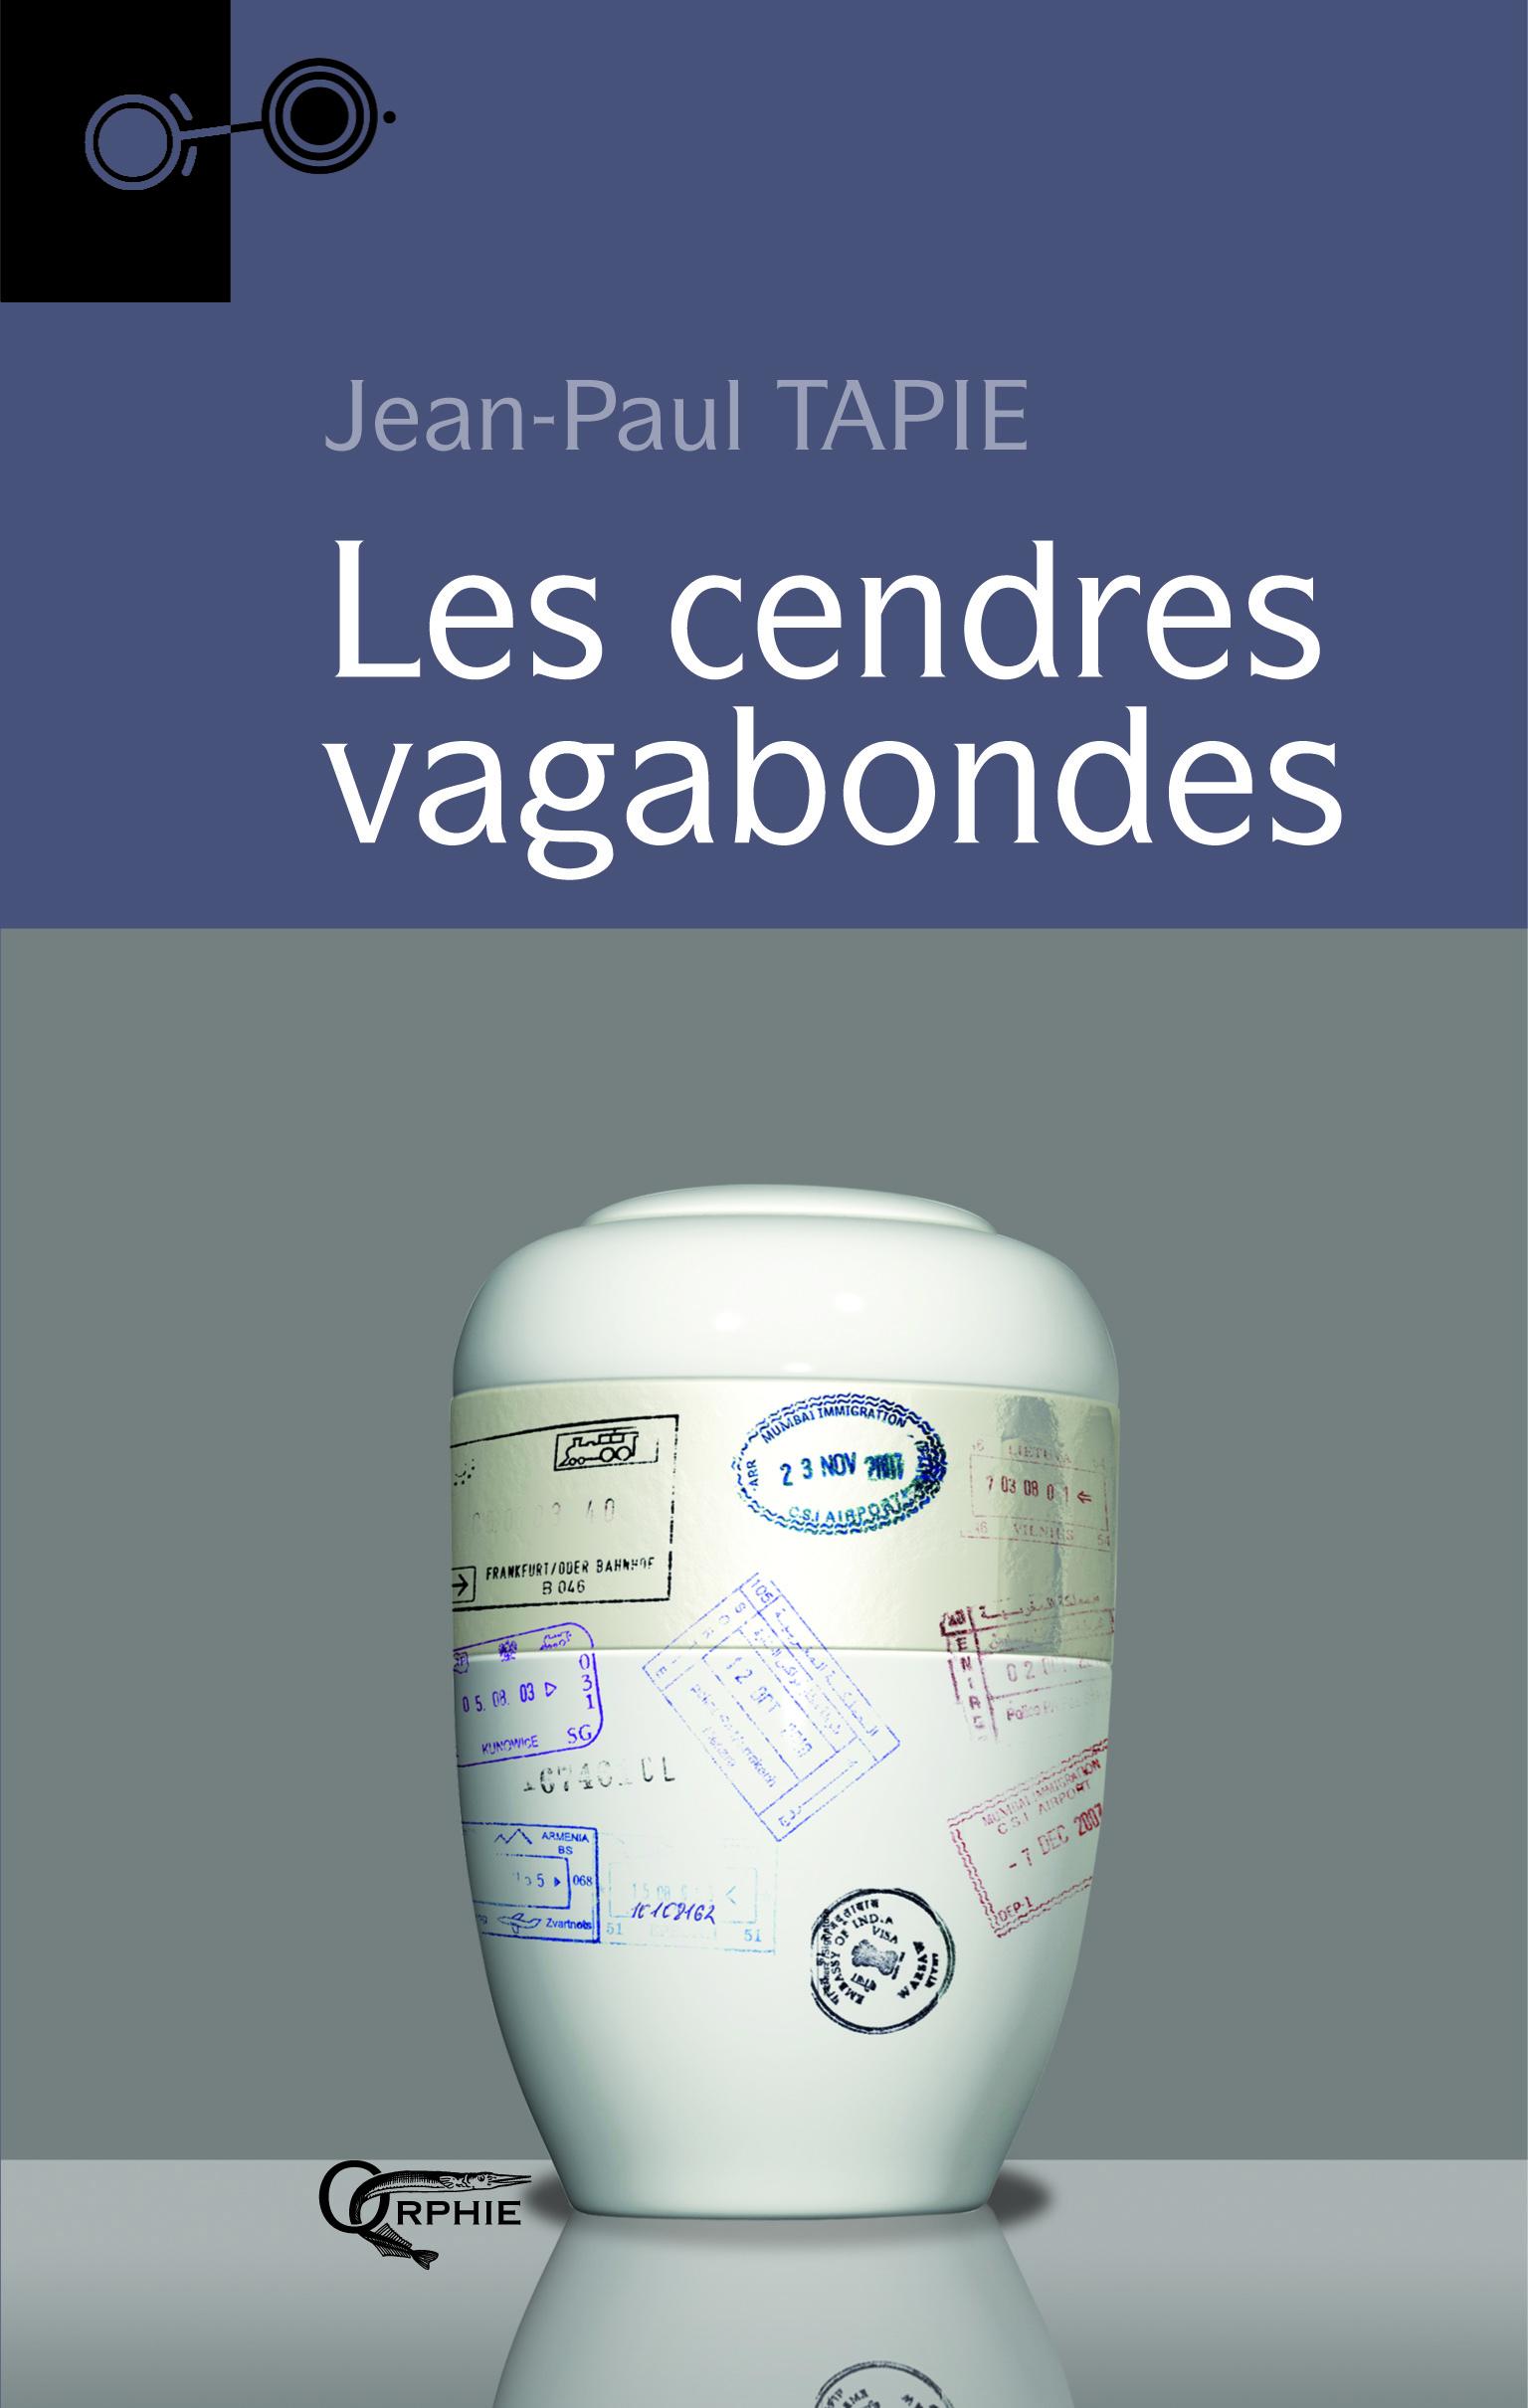 LES CENDRES VAGABONDES